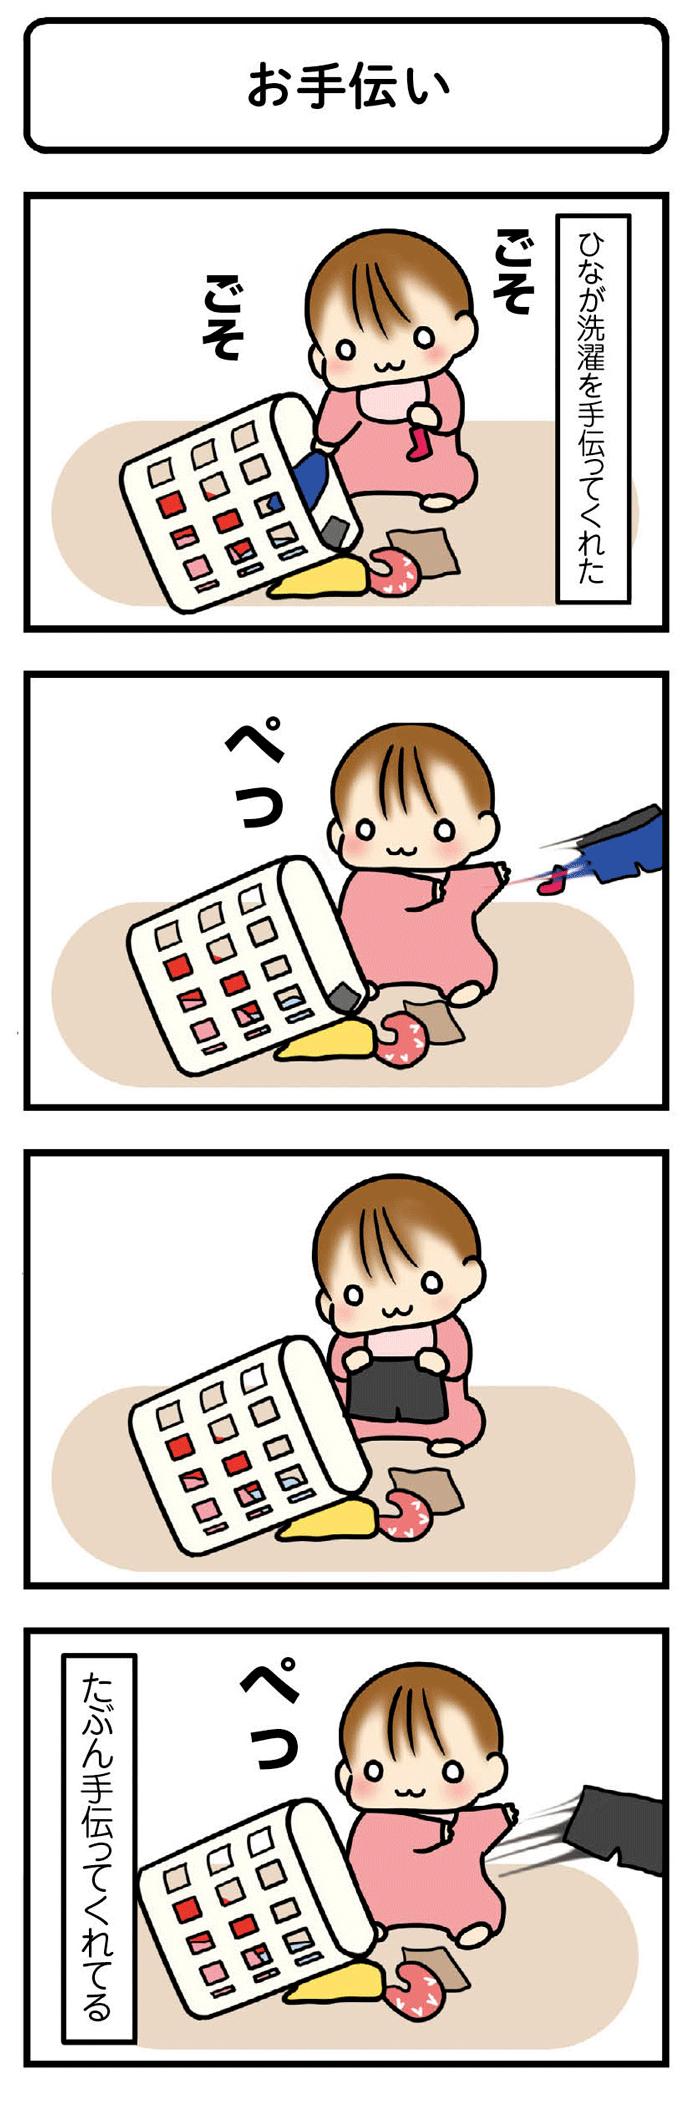 「0歳赤ちゃん VS ママ」成長にうれしくもヒヤヒヤ!リトルモンスターとの日々(笑)の画像7